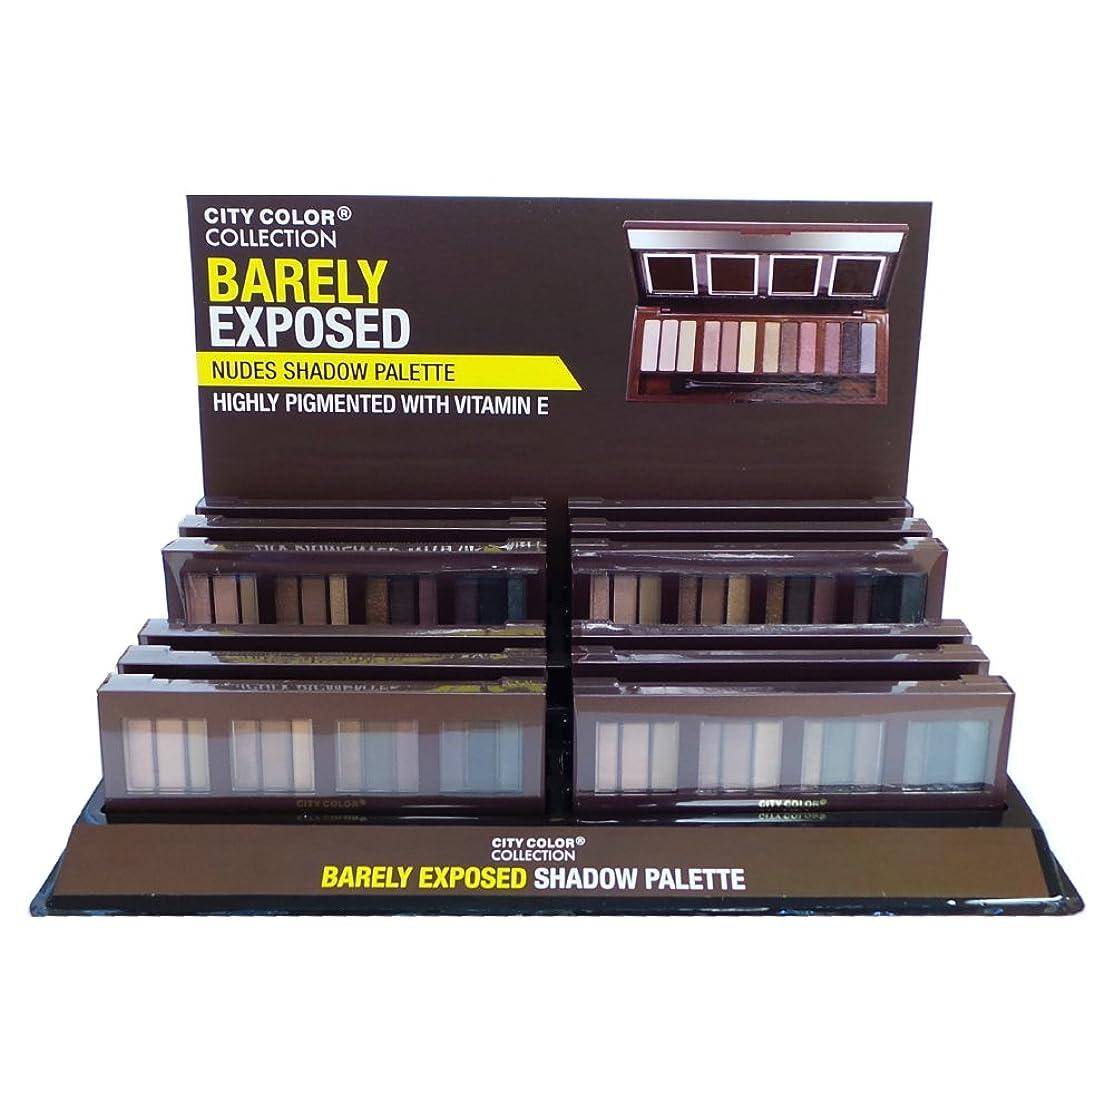 寺院ホステルリーフレットCITY COLOR Barely Exposed Nudes Shadow Palette - Day/Night 12 Colors Display Case Set 12 Pieces (並行輸入品)